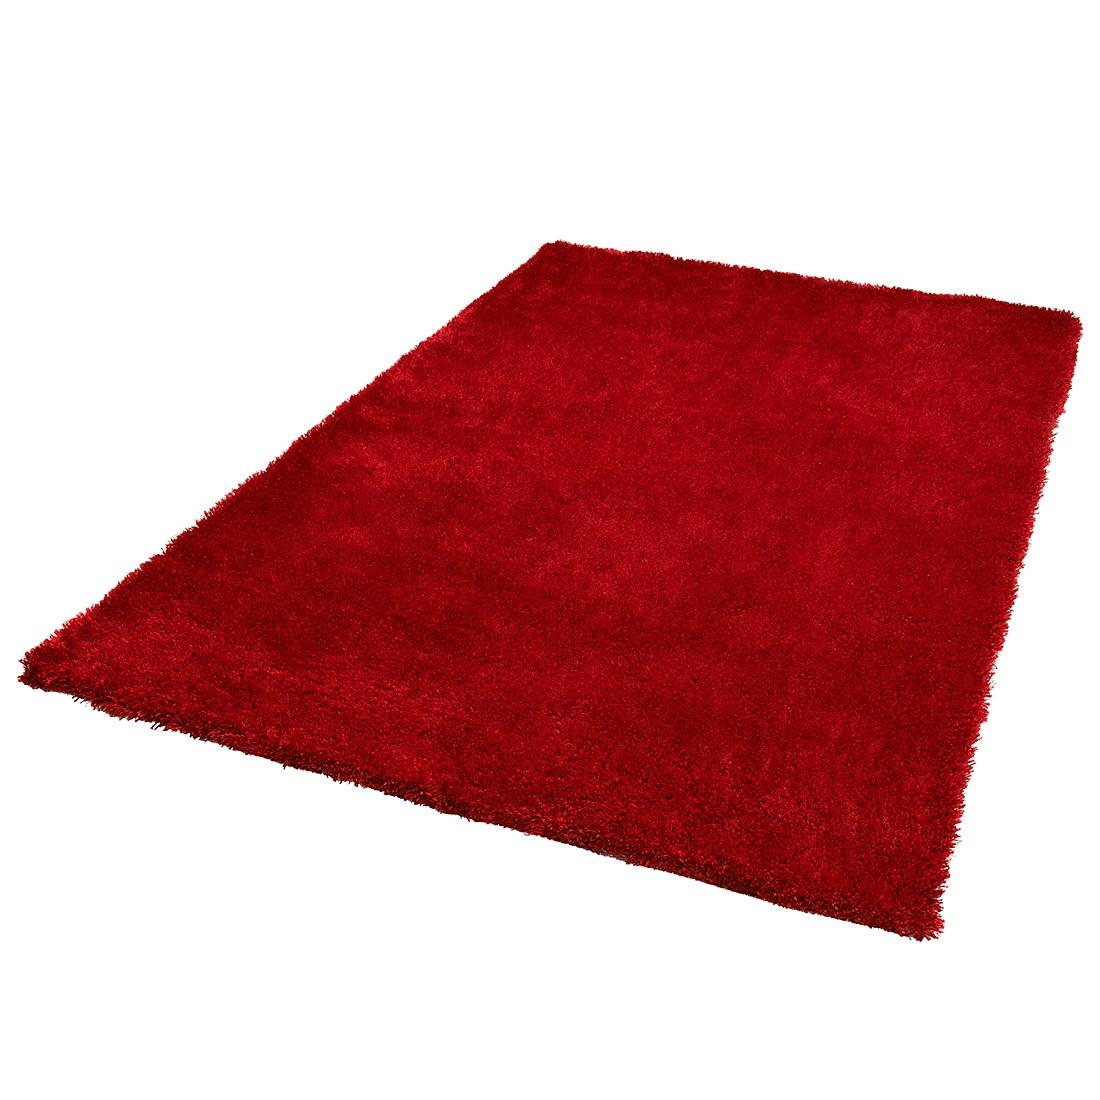 Teppich Dream – Rot – 120 x 180 cm, DEKOWE online kaufen